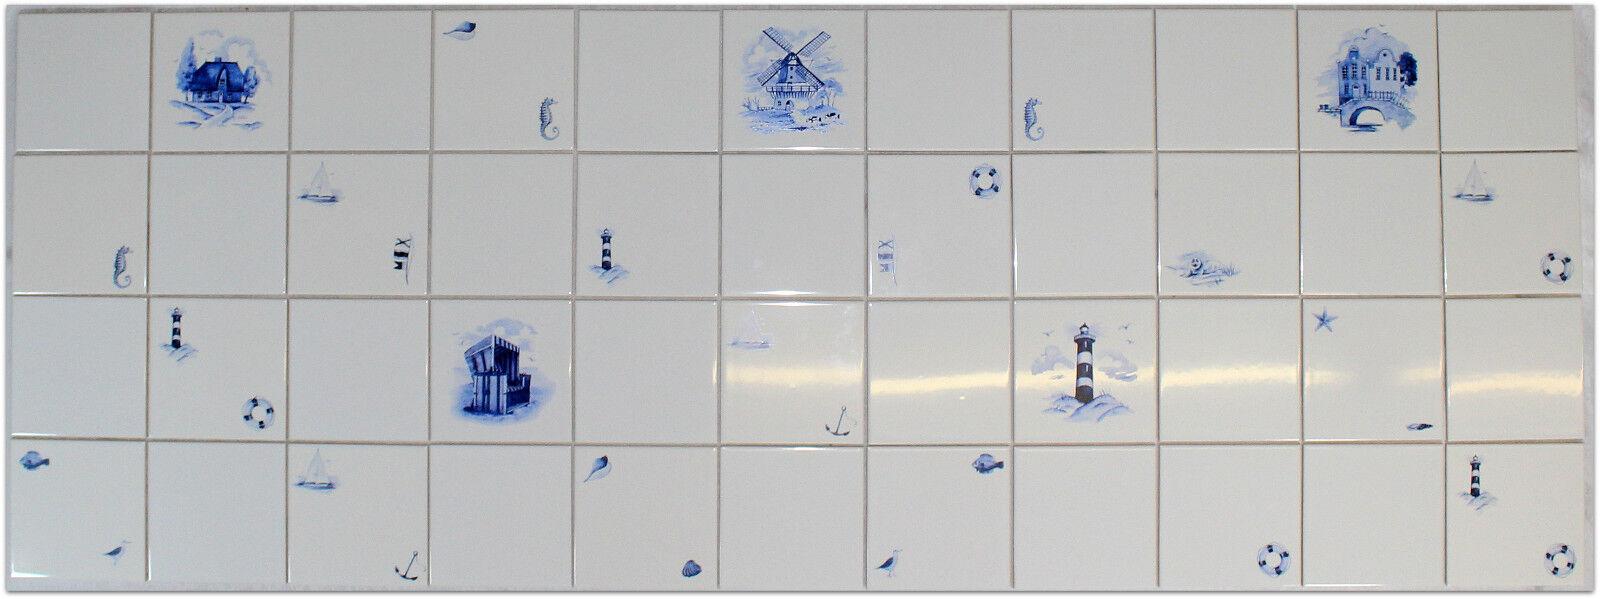 1 qm (m²) 15x15cm Küchenfliesen Fliesenspiegel, Strandkorb Leuchtturm Windmühle